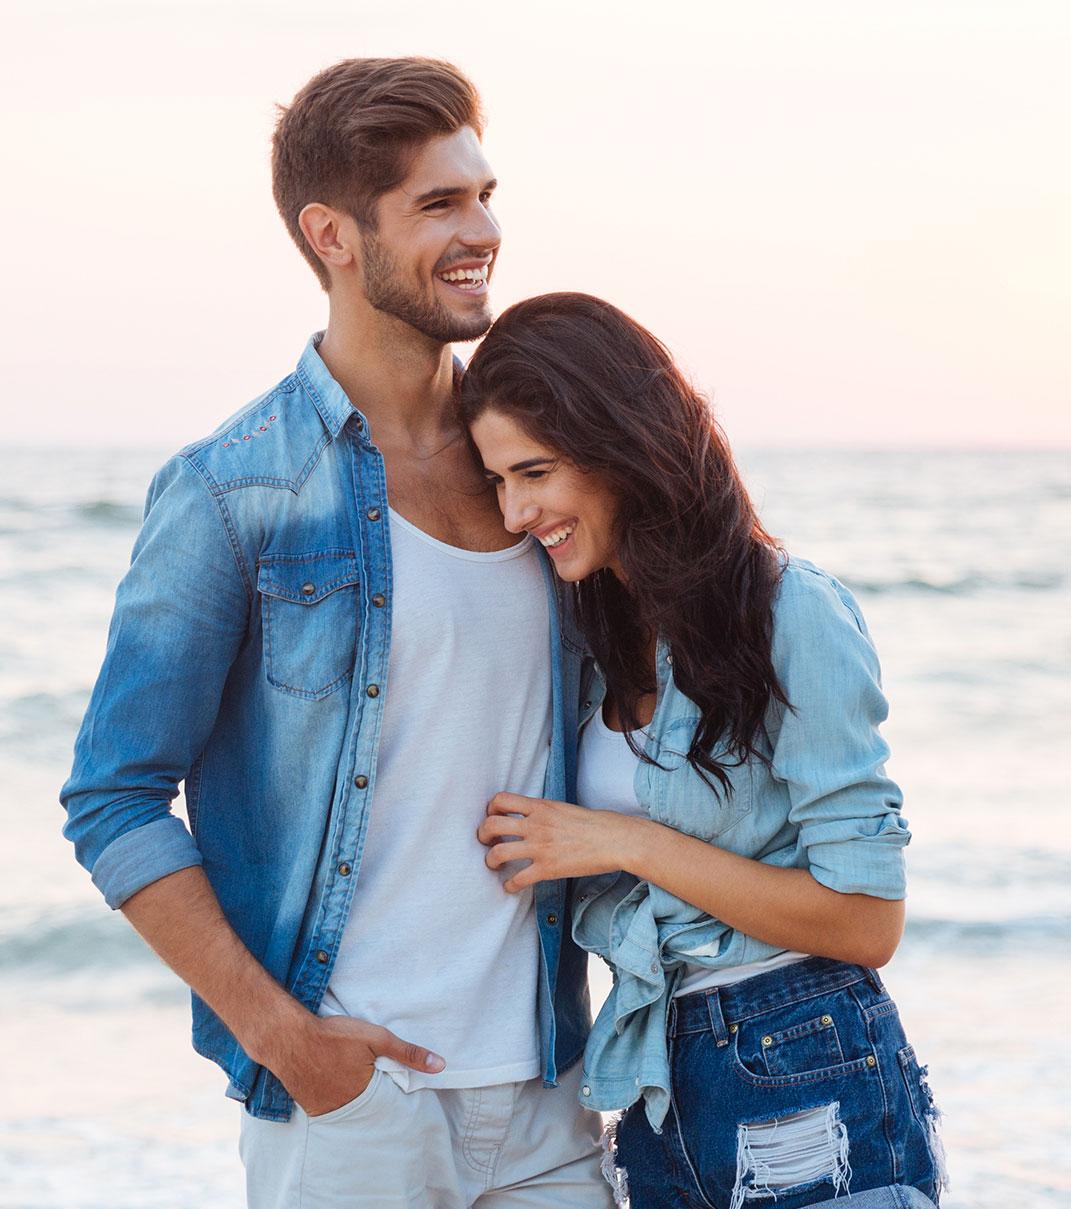 Loving couple on a beach